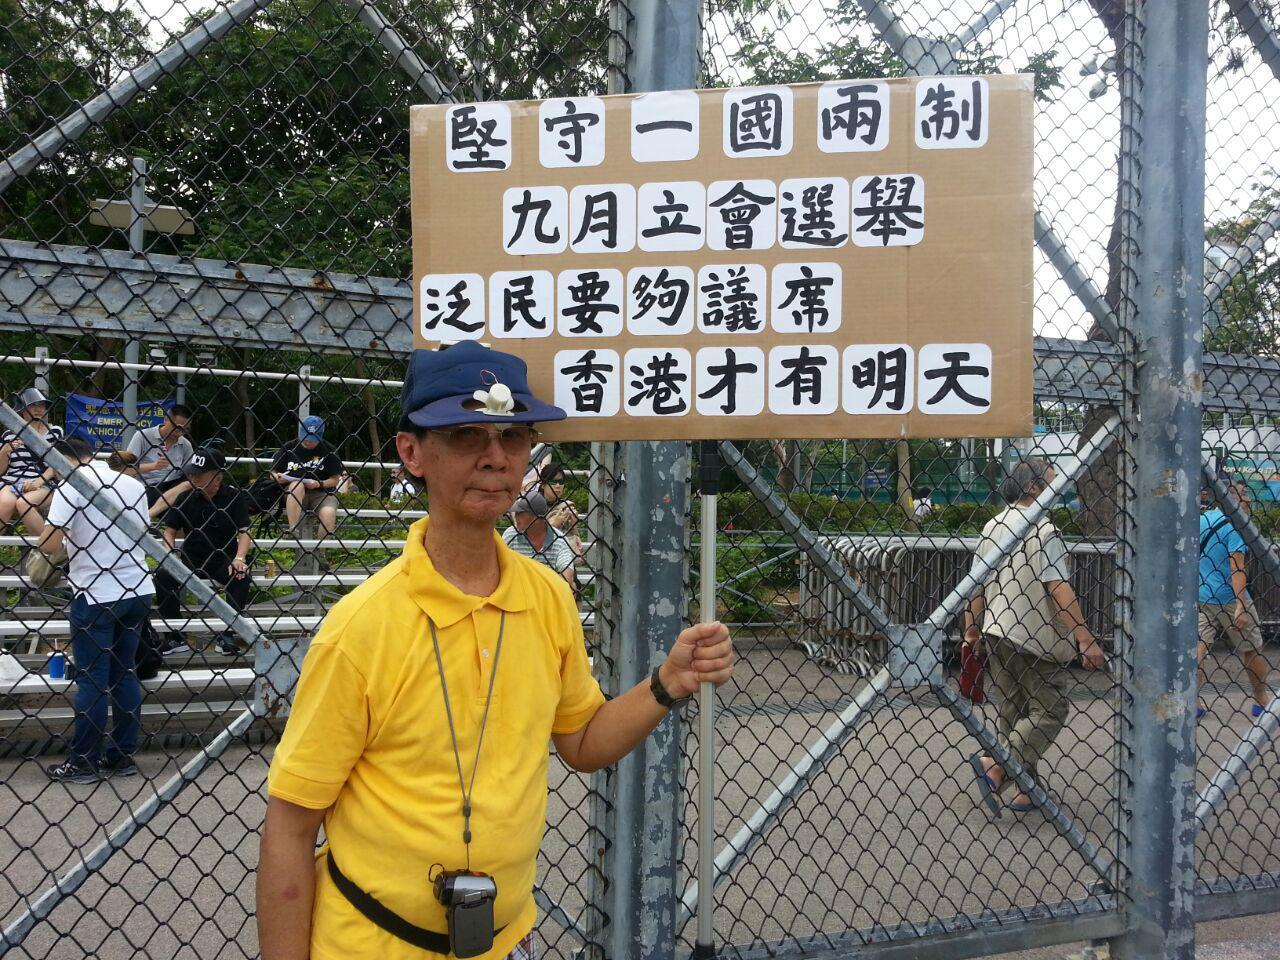 70歲市民梁先生手持自製標語牌參與遊行(大紀元)